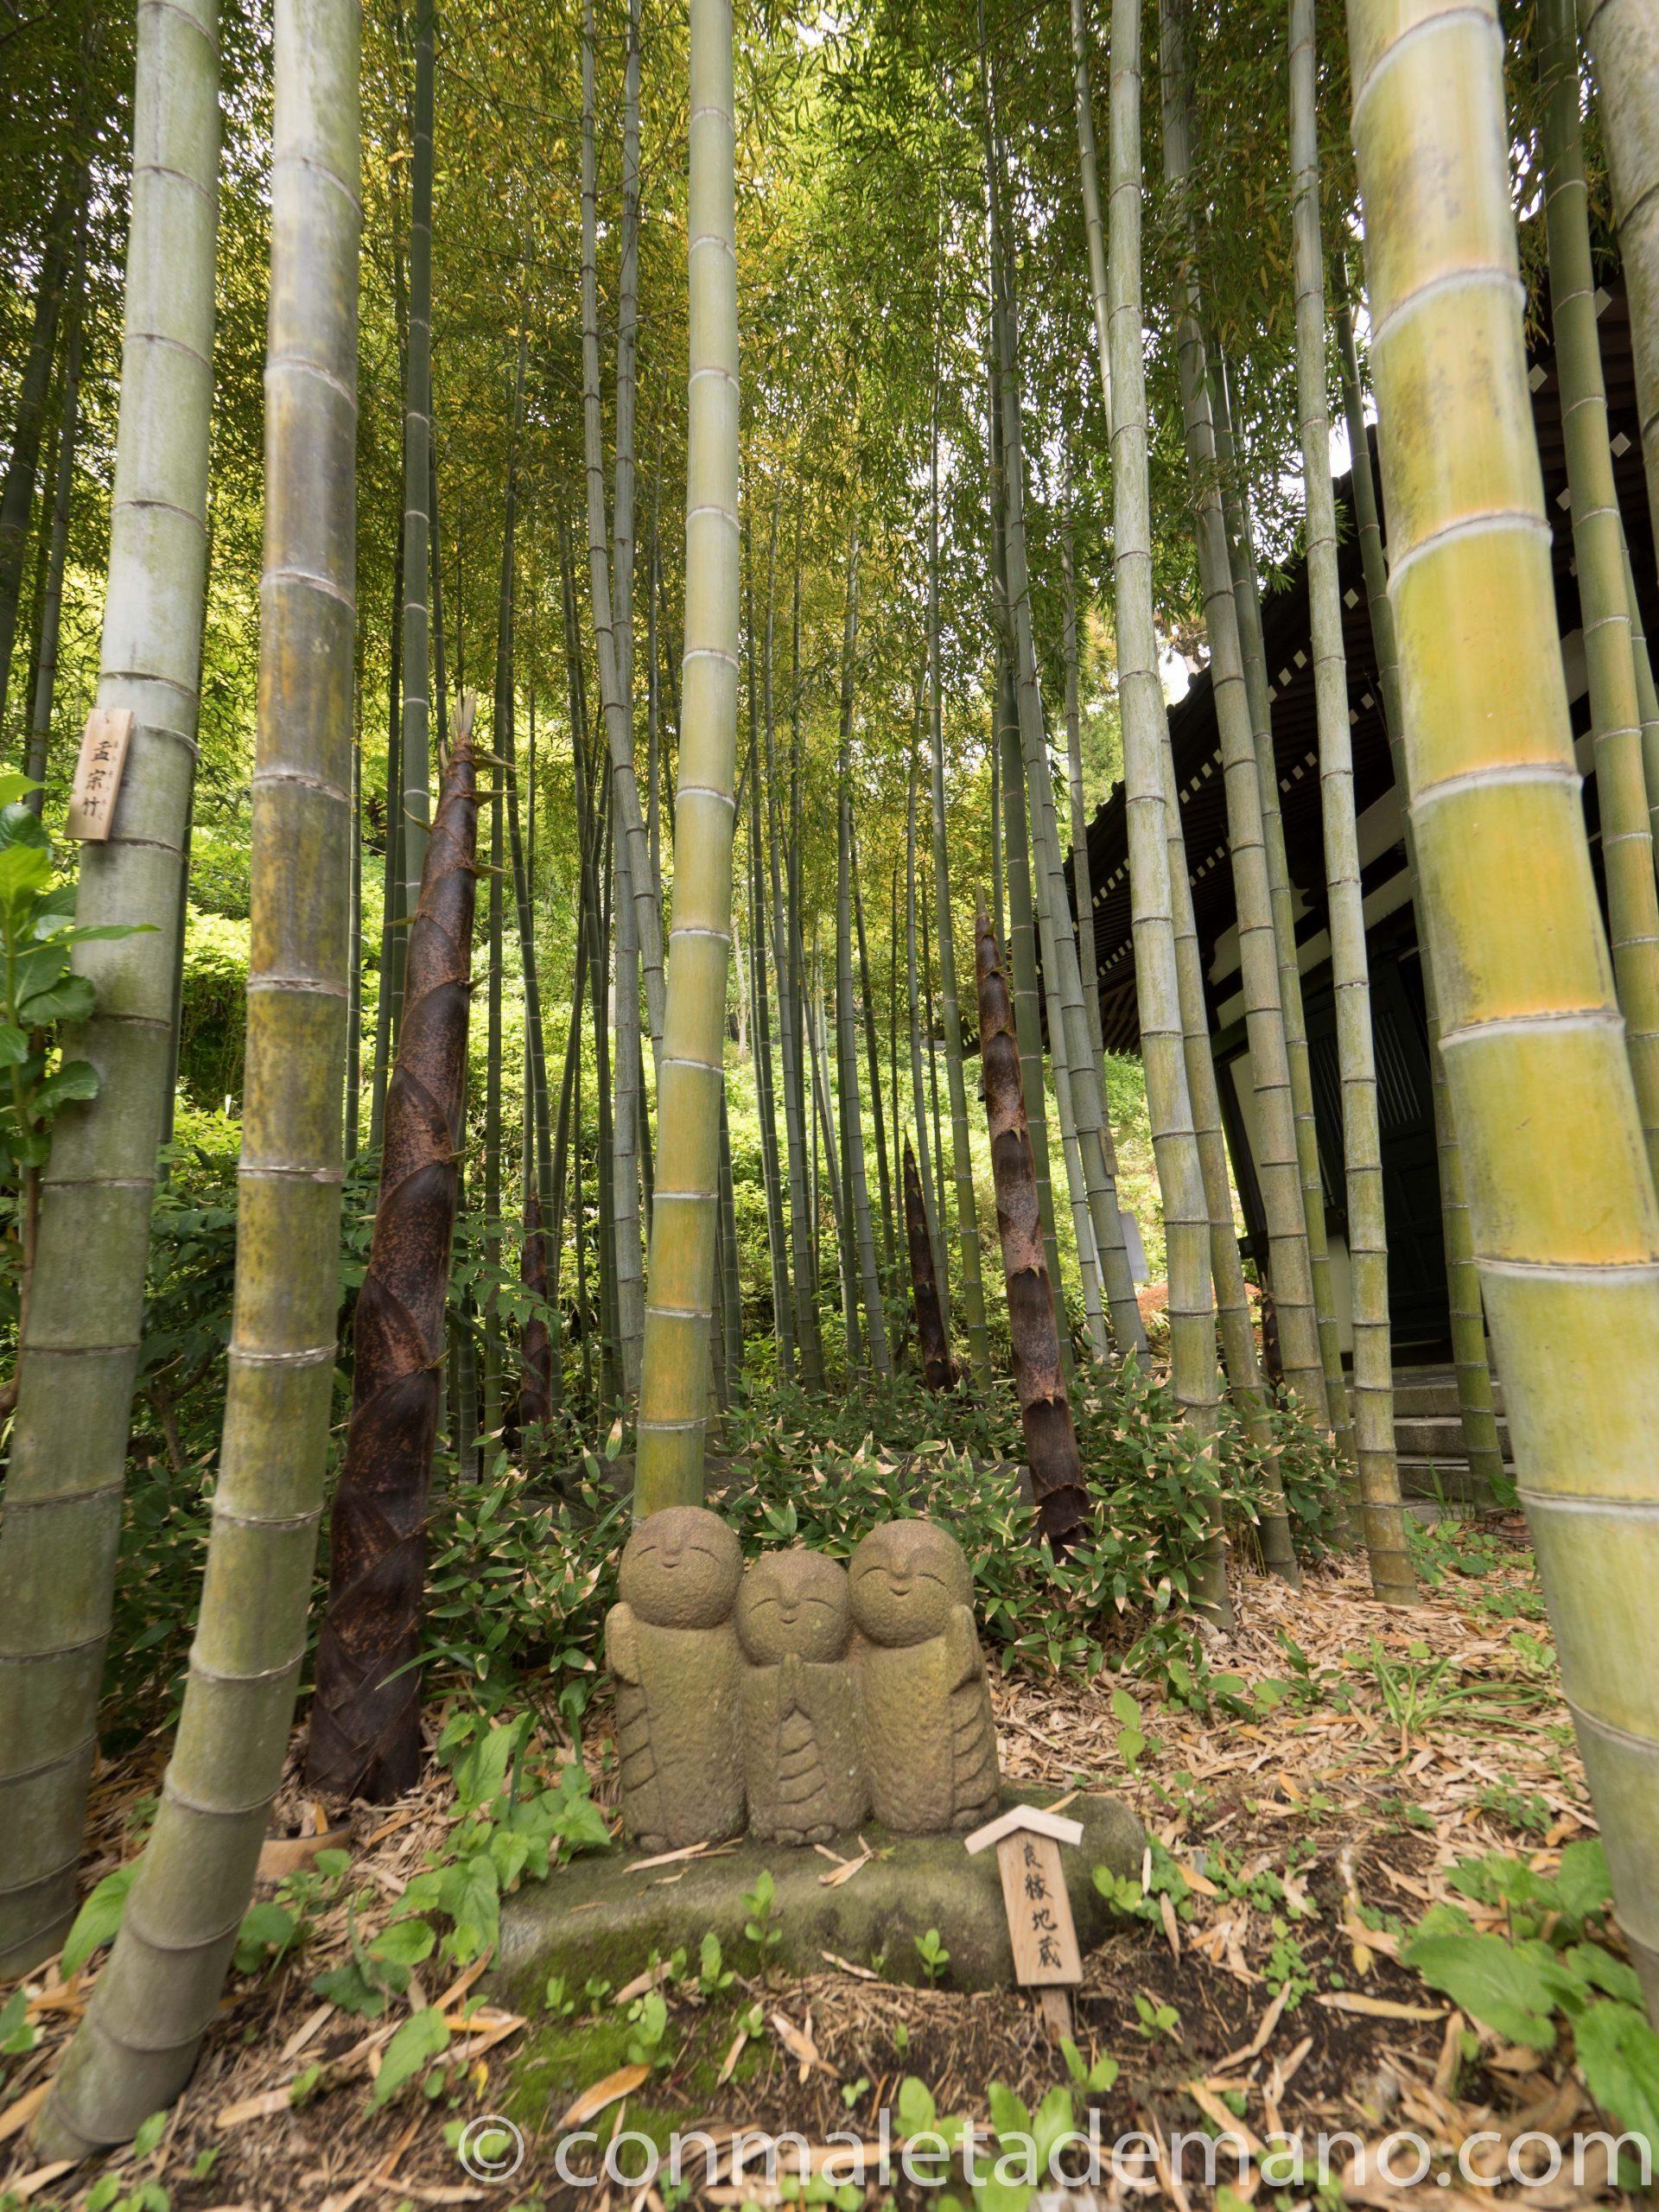 Jizos en el bosque de bambú del Hase-dera